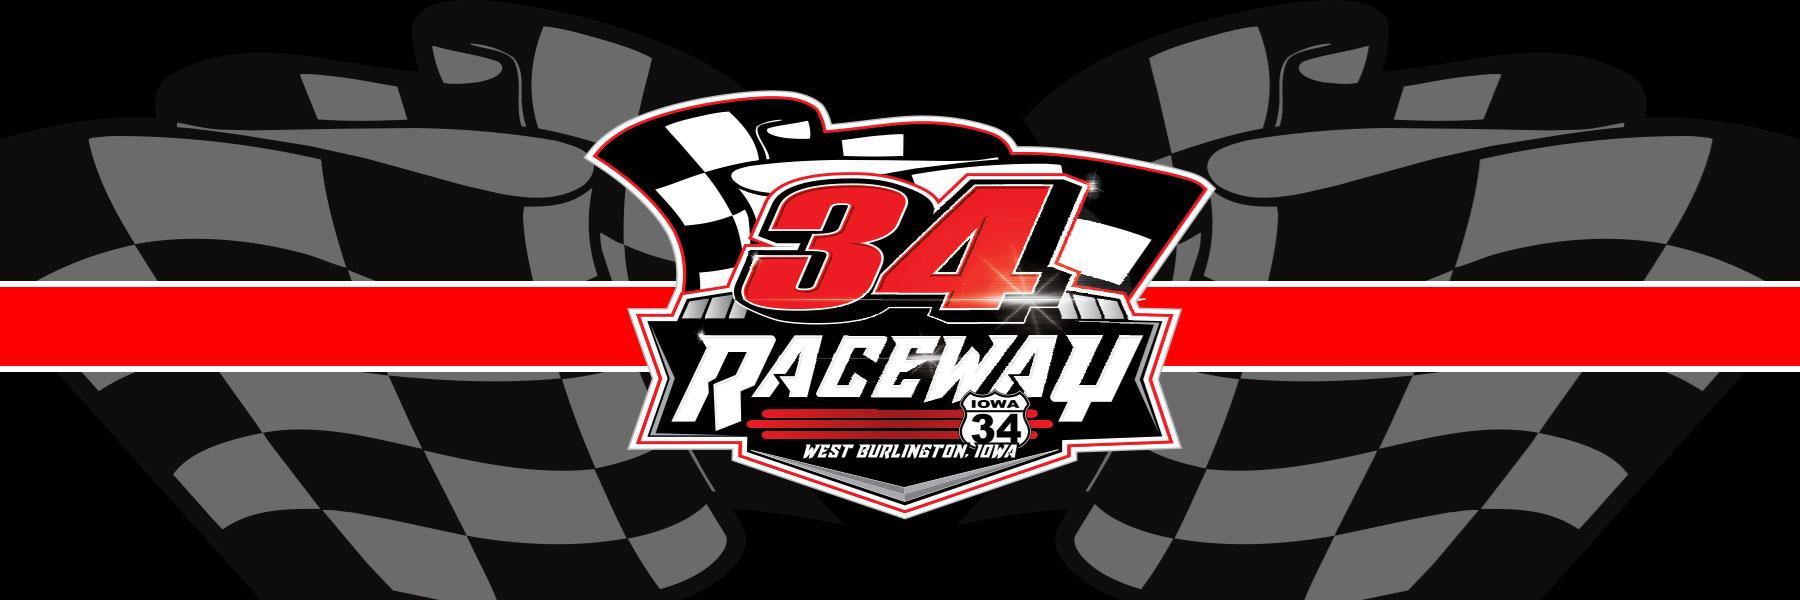 9/25/2021 - 34 Raceway